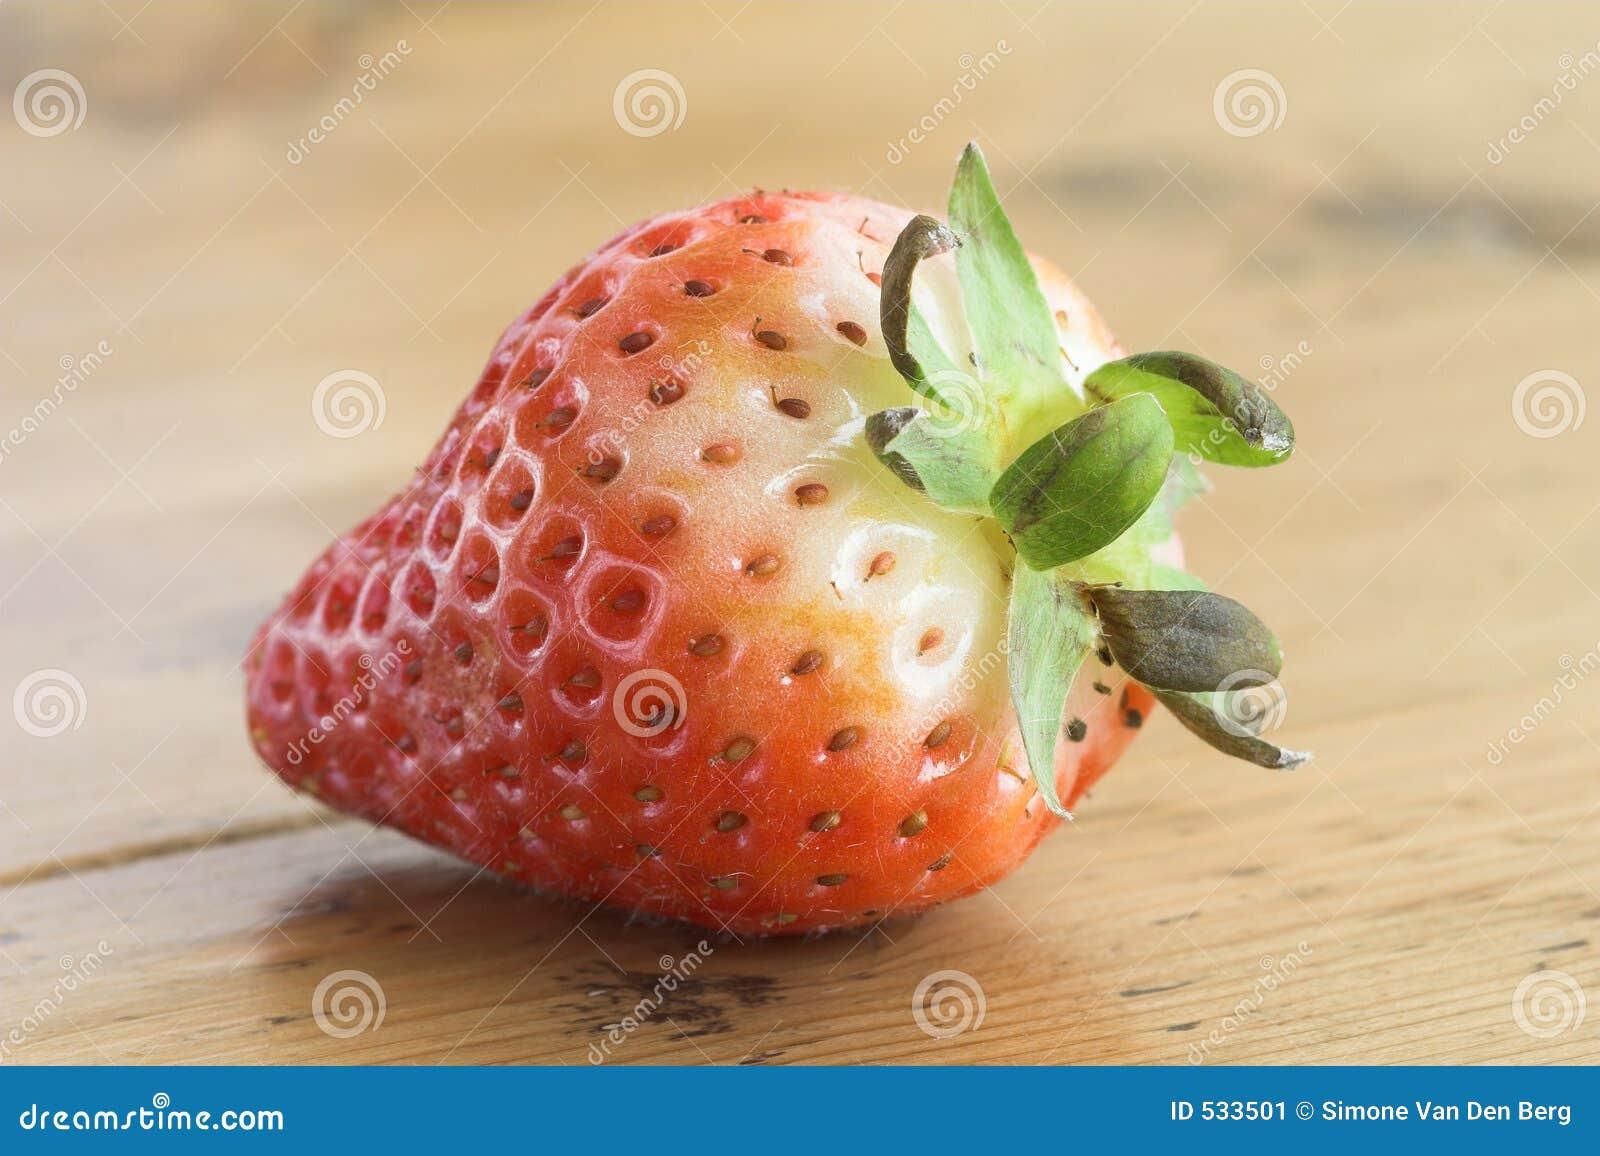 Unripe Strawberries Unripe strawberry stoc...